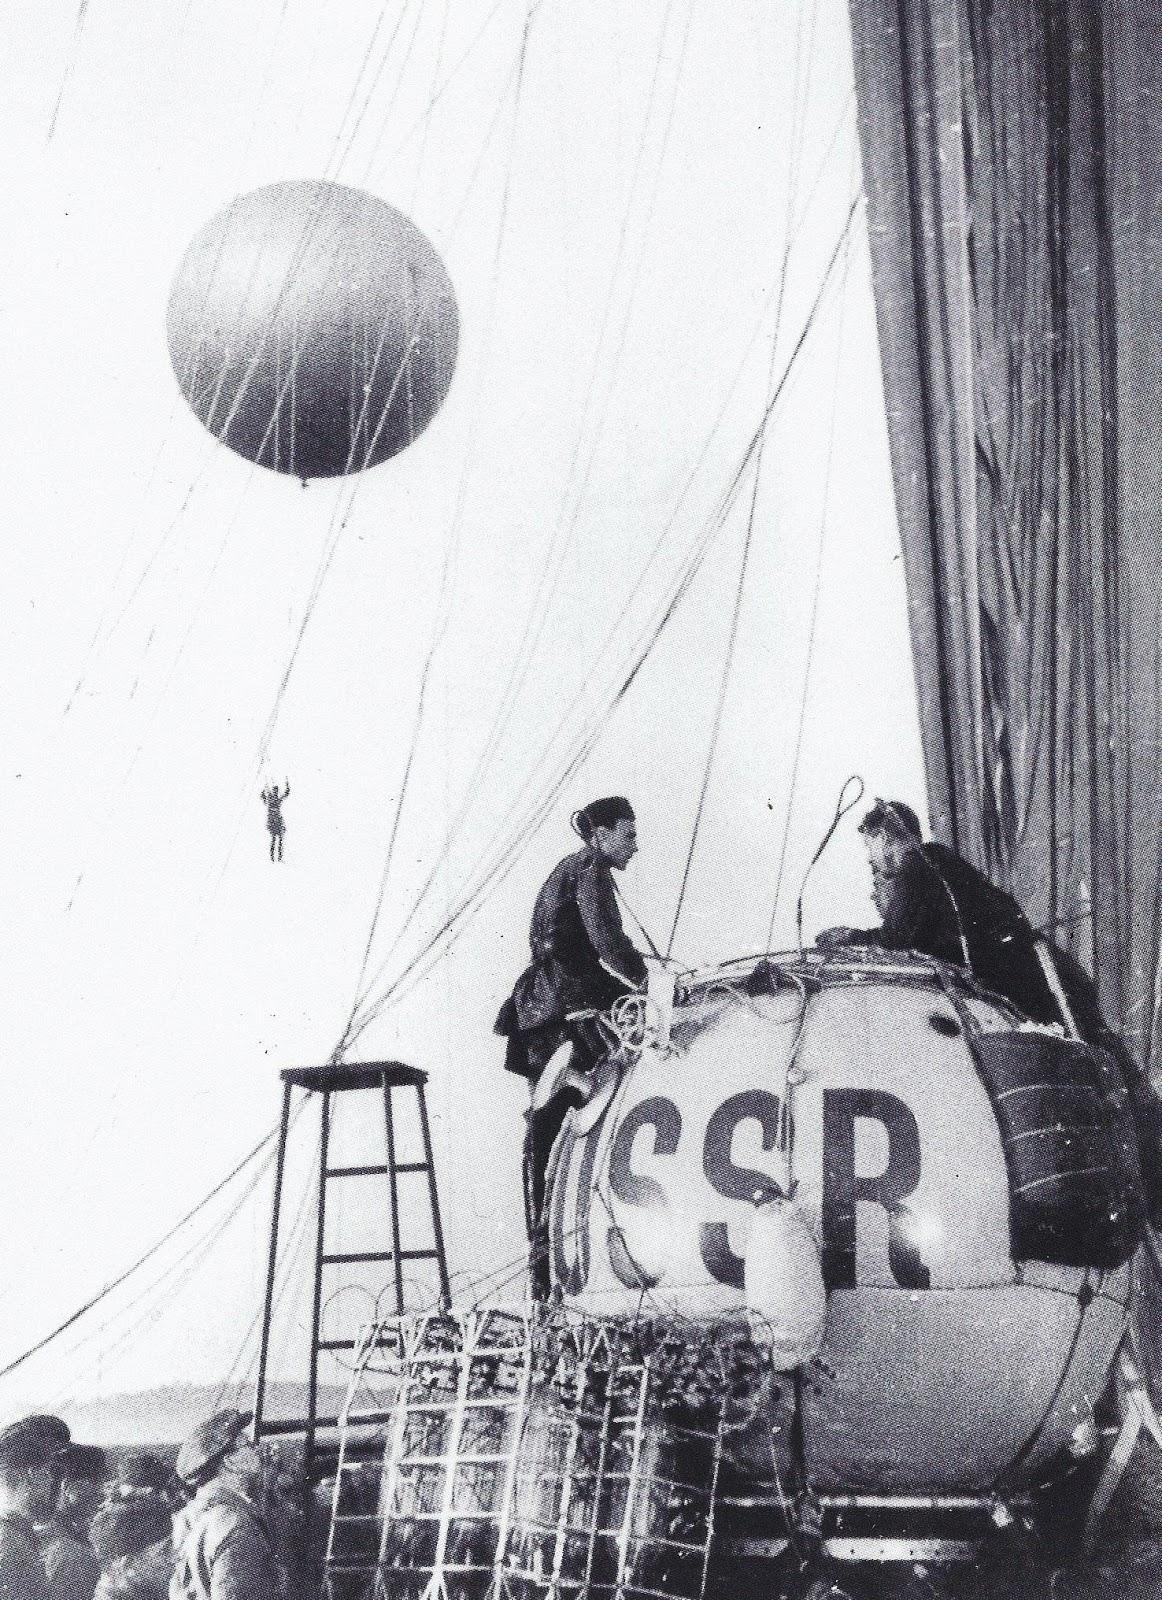 Покорители стратосферы предшественники космонавтов